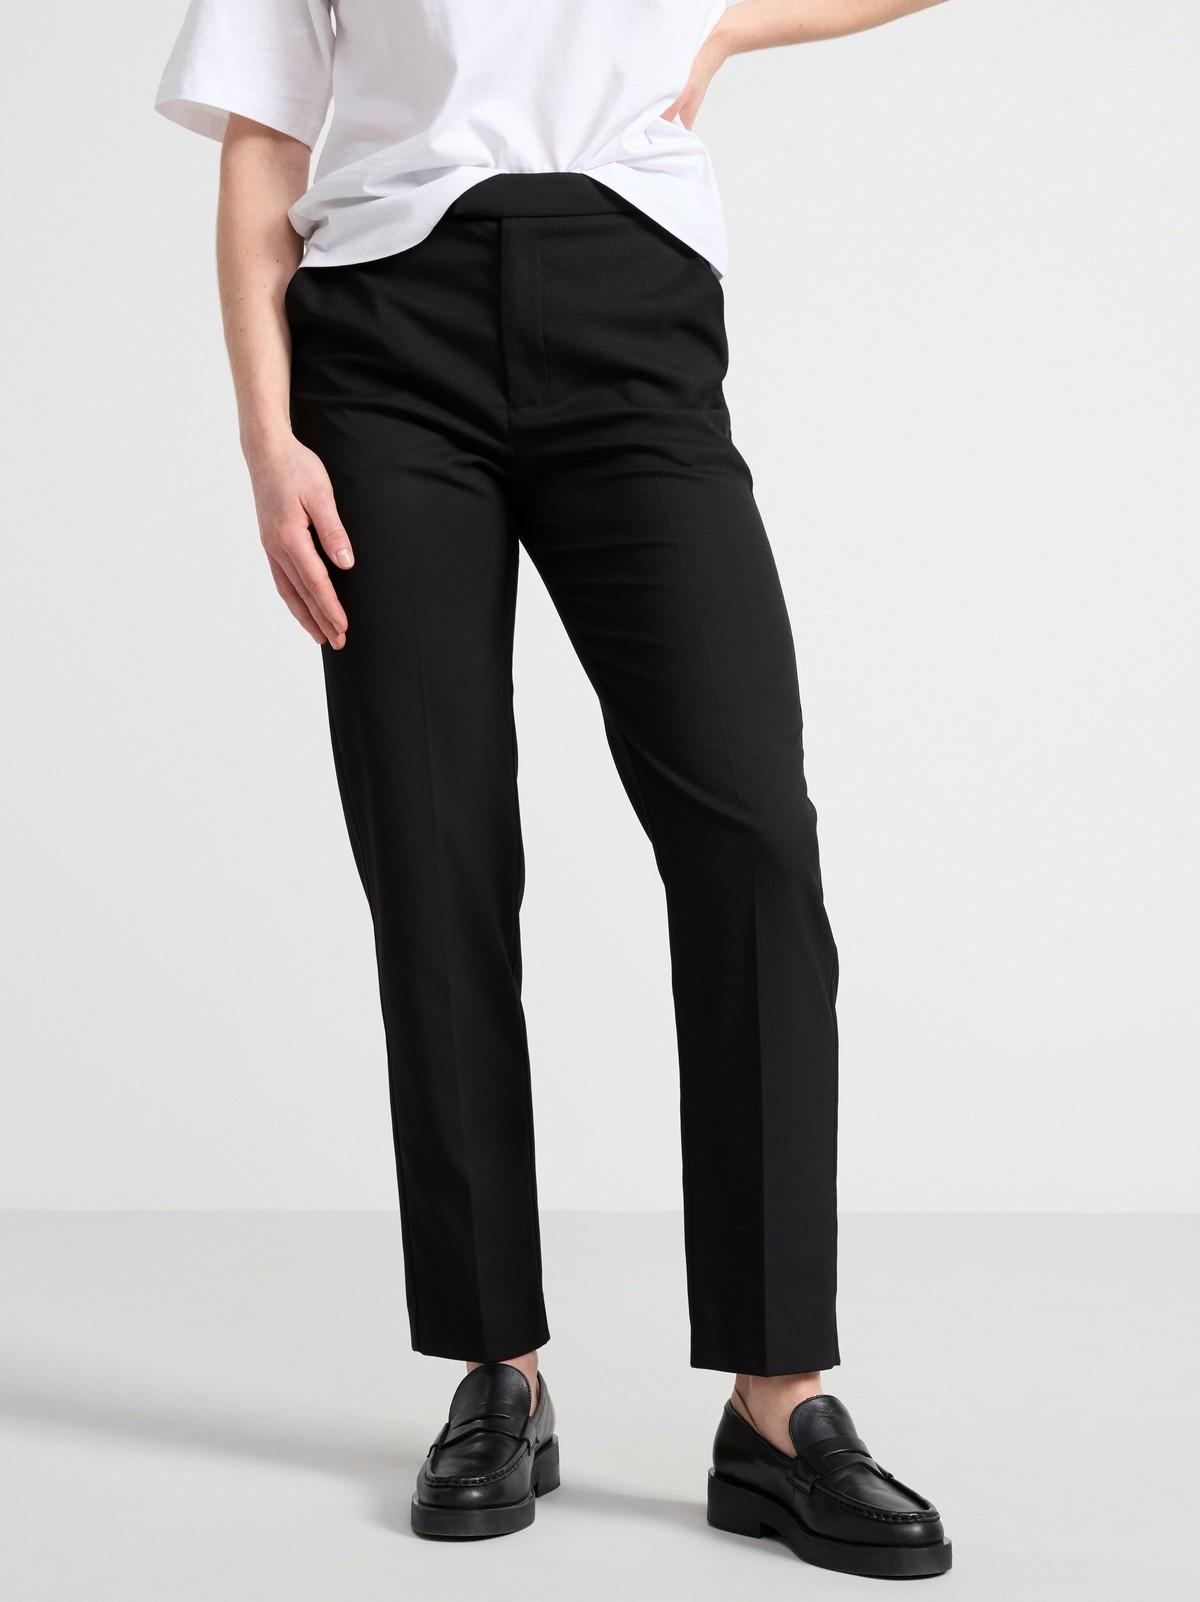 POLLY bukse med avkortede ben og høyt liv